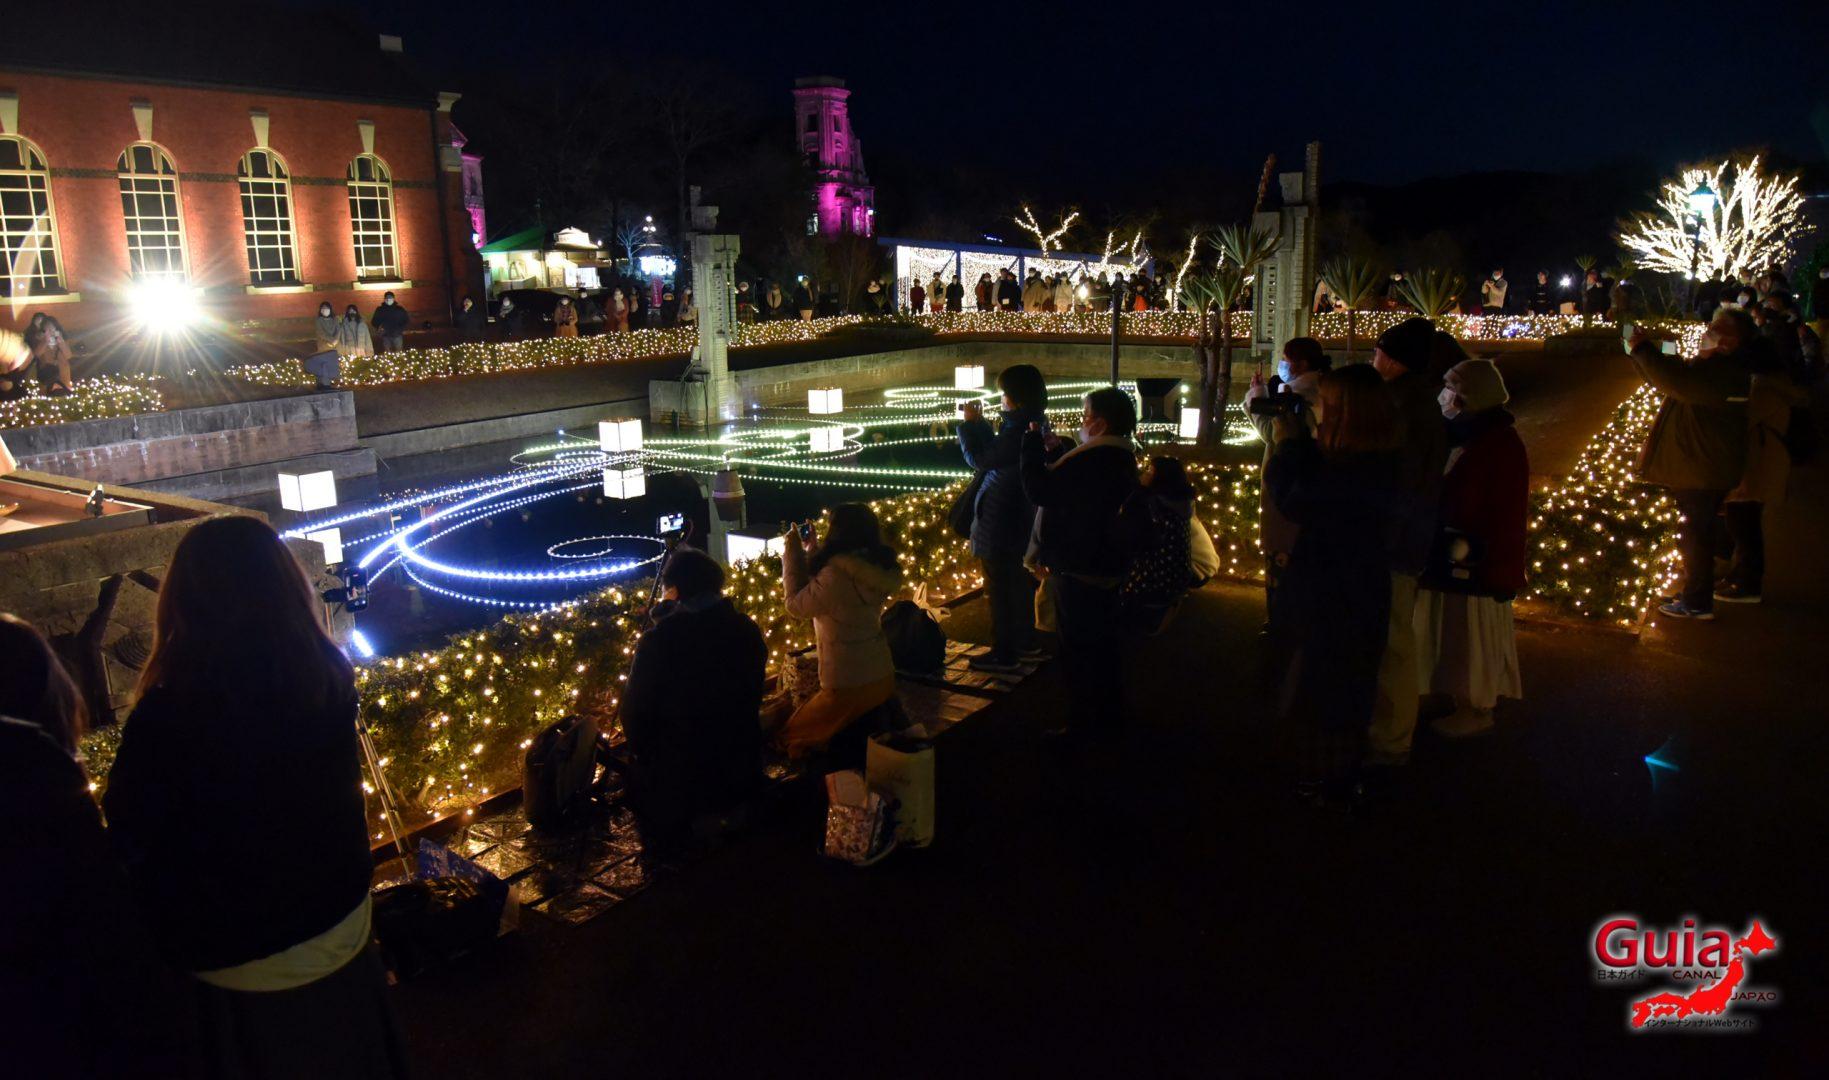 Мэйжи-Мура музей - Баярын гэрэлтүүлэг 10